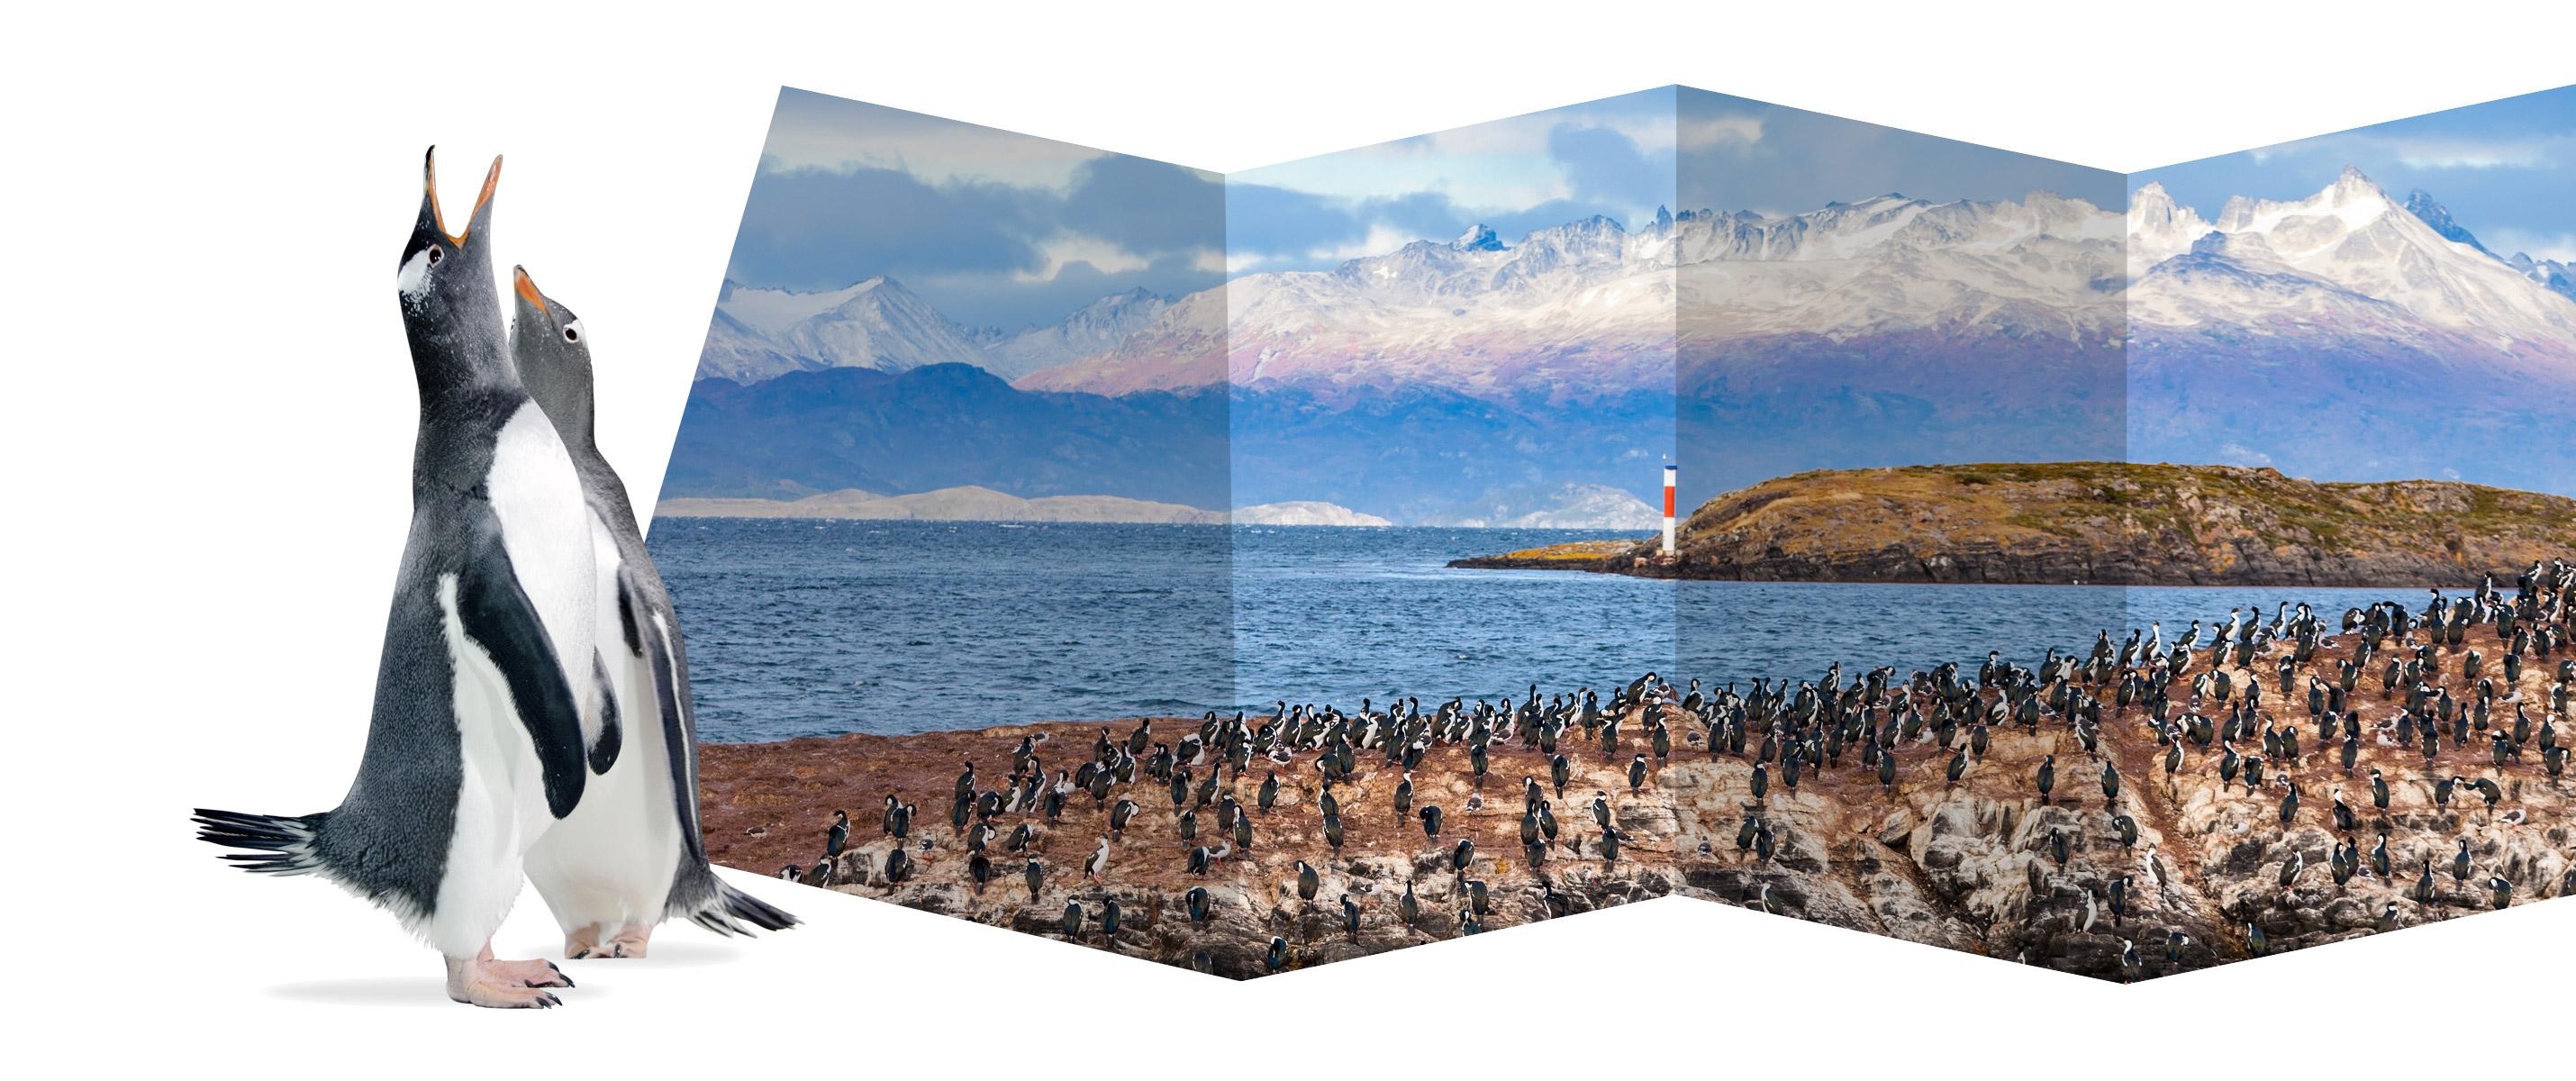 Wildtiere Blog Chile und Südamerika